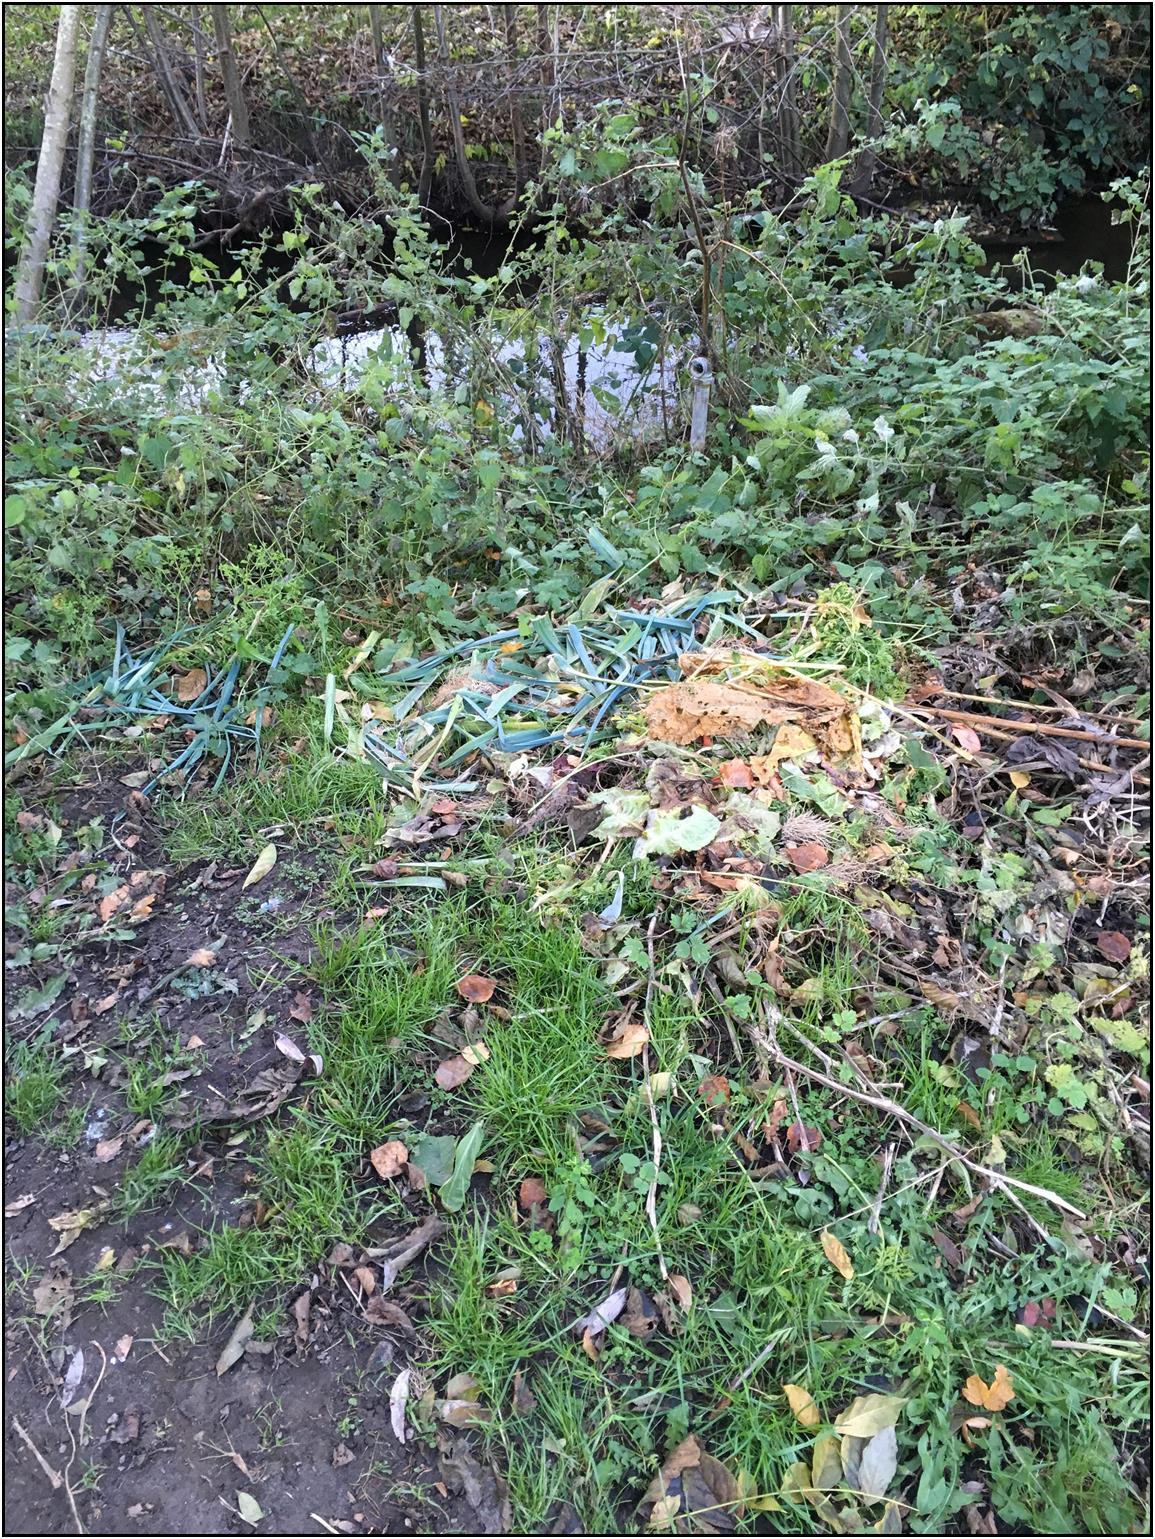 Les déchets verts, loin de la rivière ... Pourquoi ? Le SM3R sensibilise !